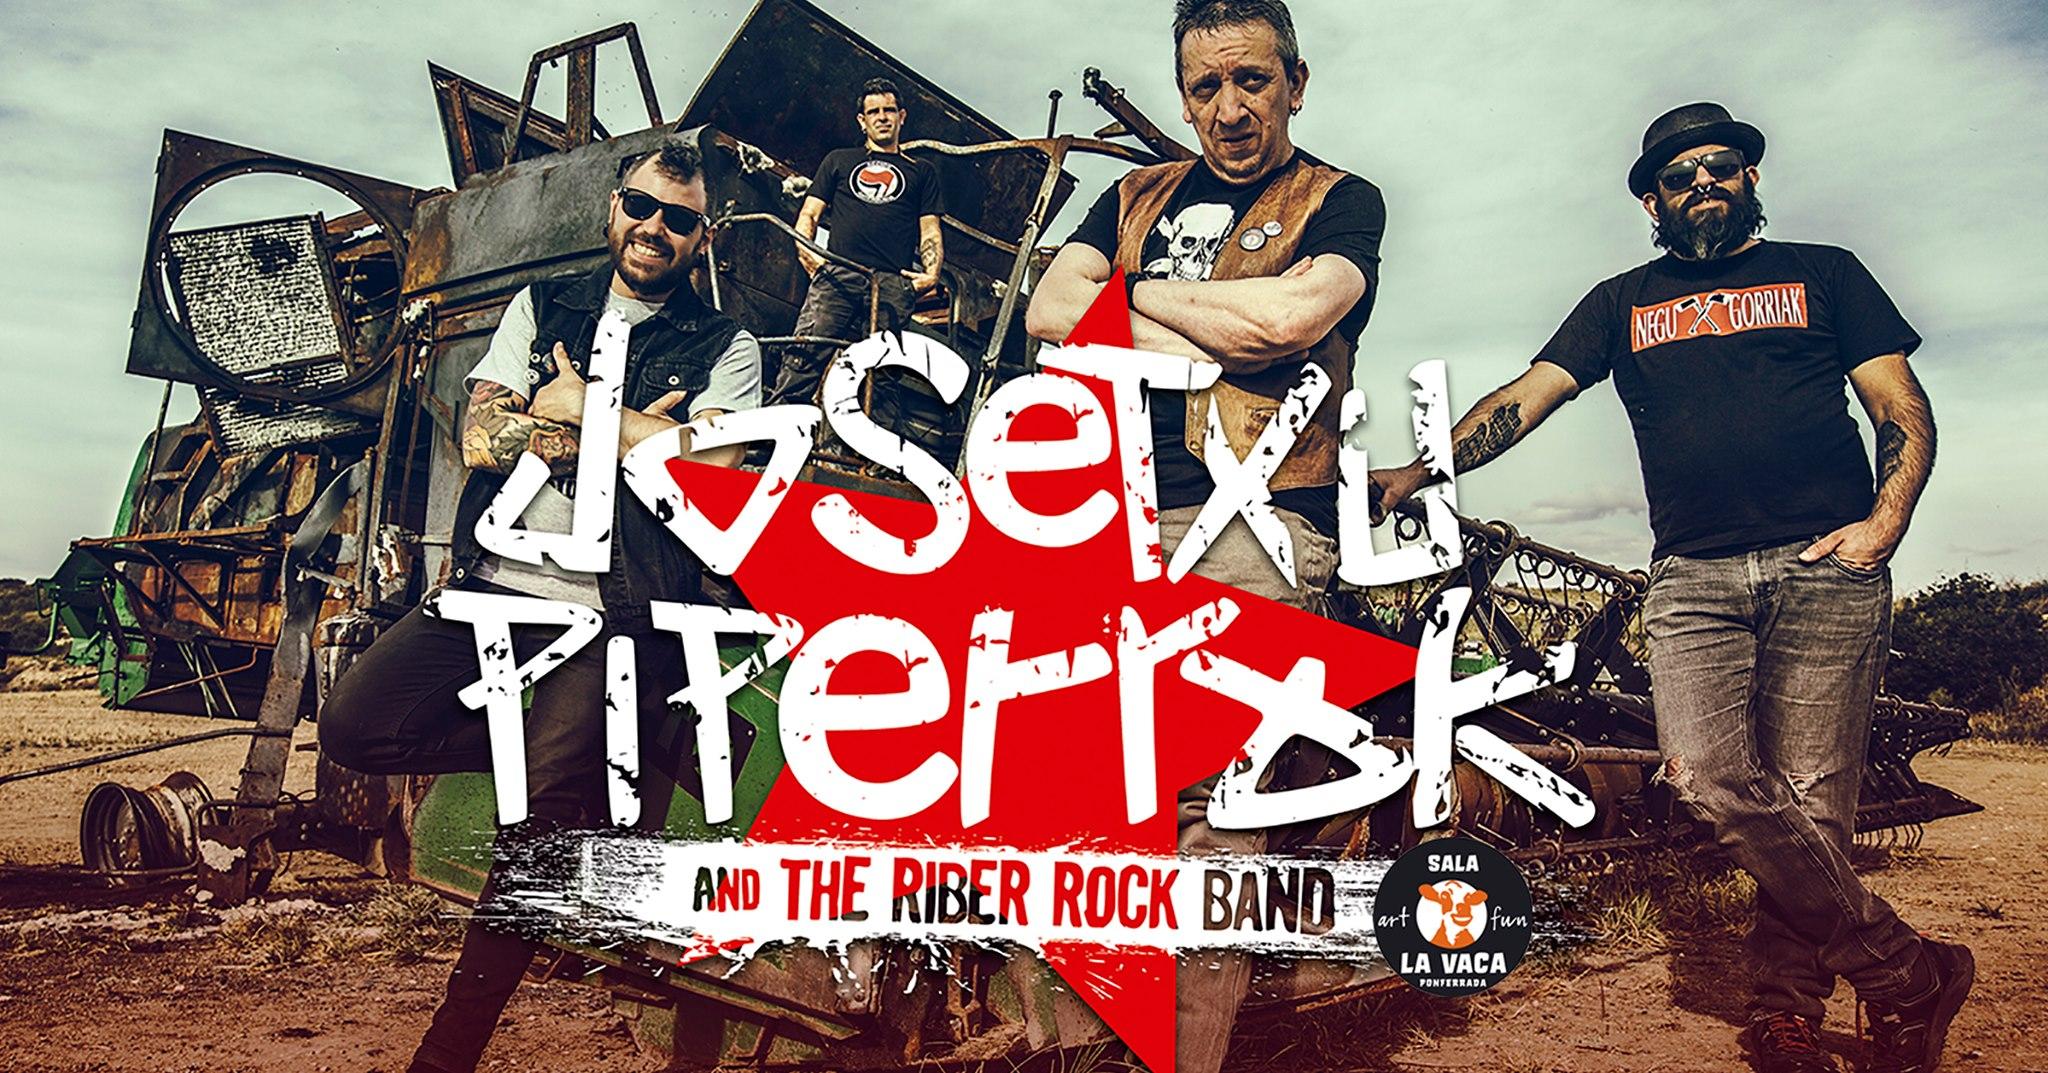 Concierto de Josetxu Piperrak & the Riber Rock Band en Ponferrada 1